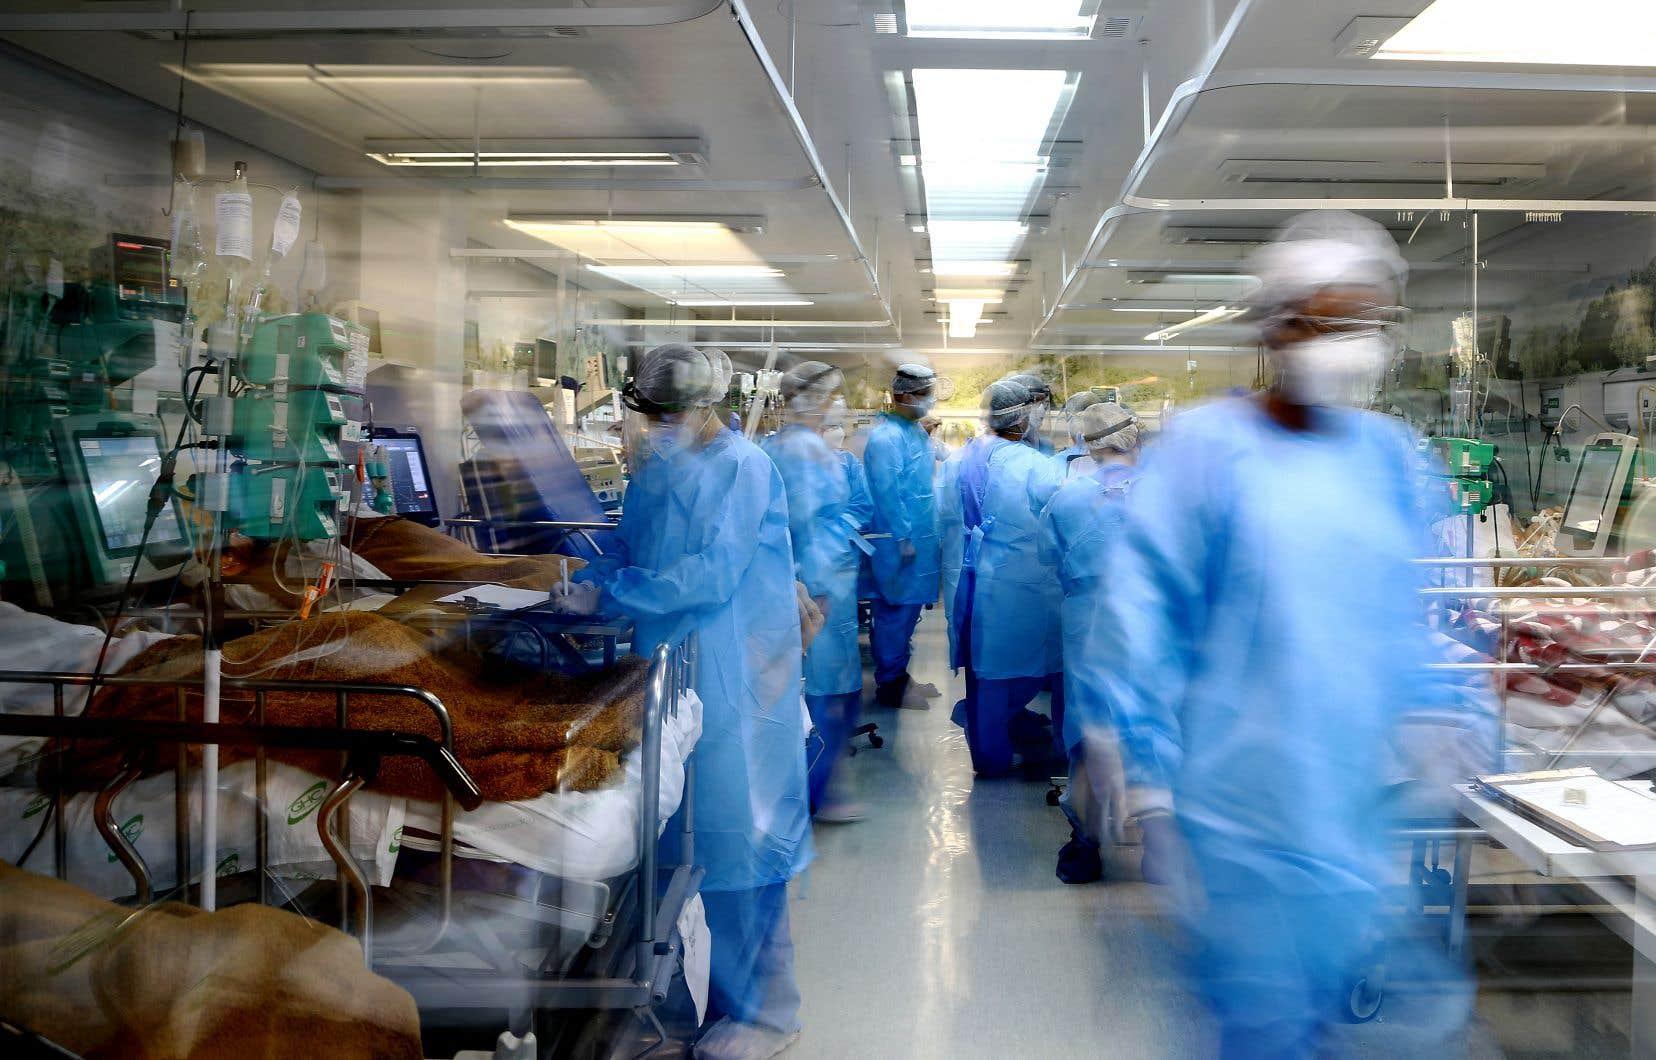 Selon les médias du pays, la capitale, Brasília, a atteint sa capacité maximale en matière de soins intensifs, tandis que la ville de Porto Alegre a dépassé cette capacité, comme ici à l'hôpital Nossa Senhora da Conceição.